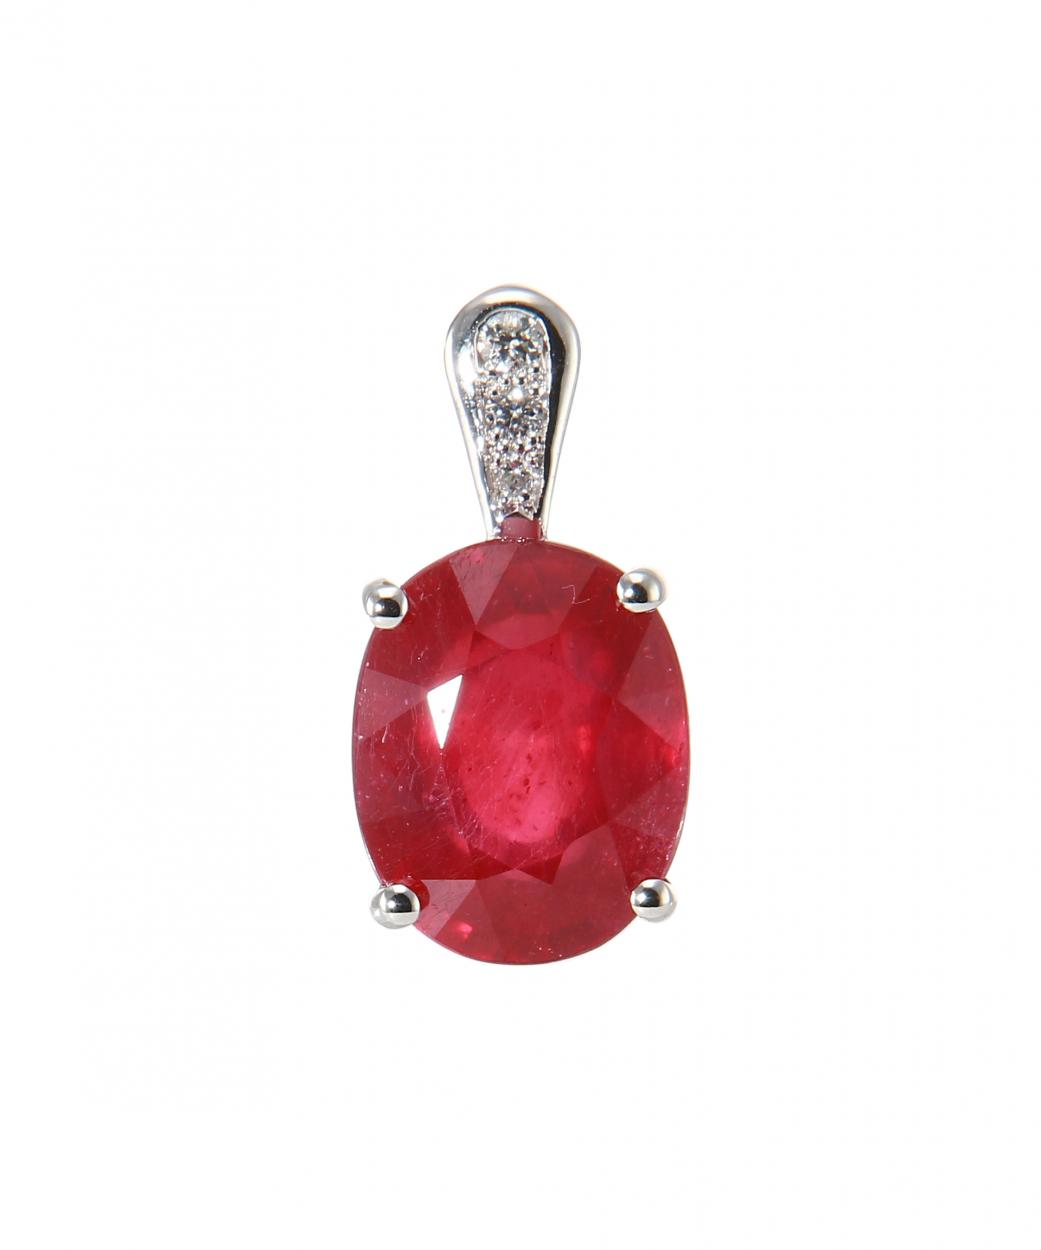 pendentif or blanc 750 rubis trait ovale de 10x8 mm et diamants ref 47300. Black Bedroom Furniture Sets. Home Design Ideas